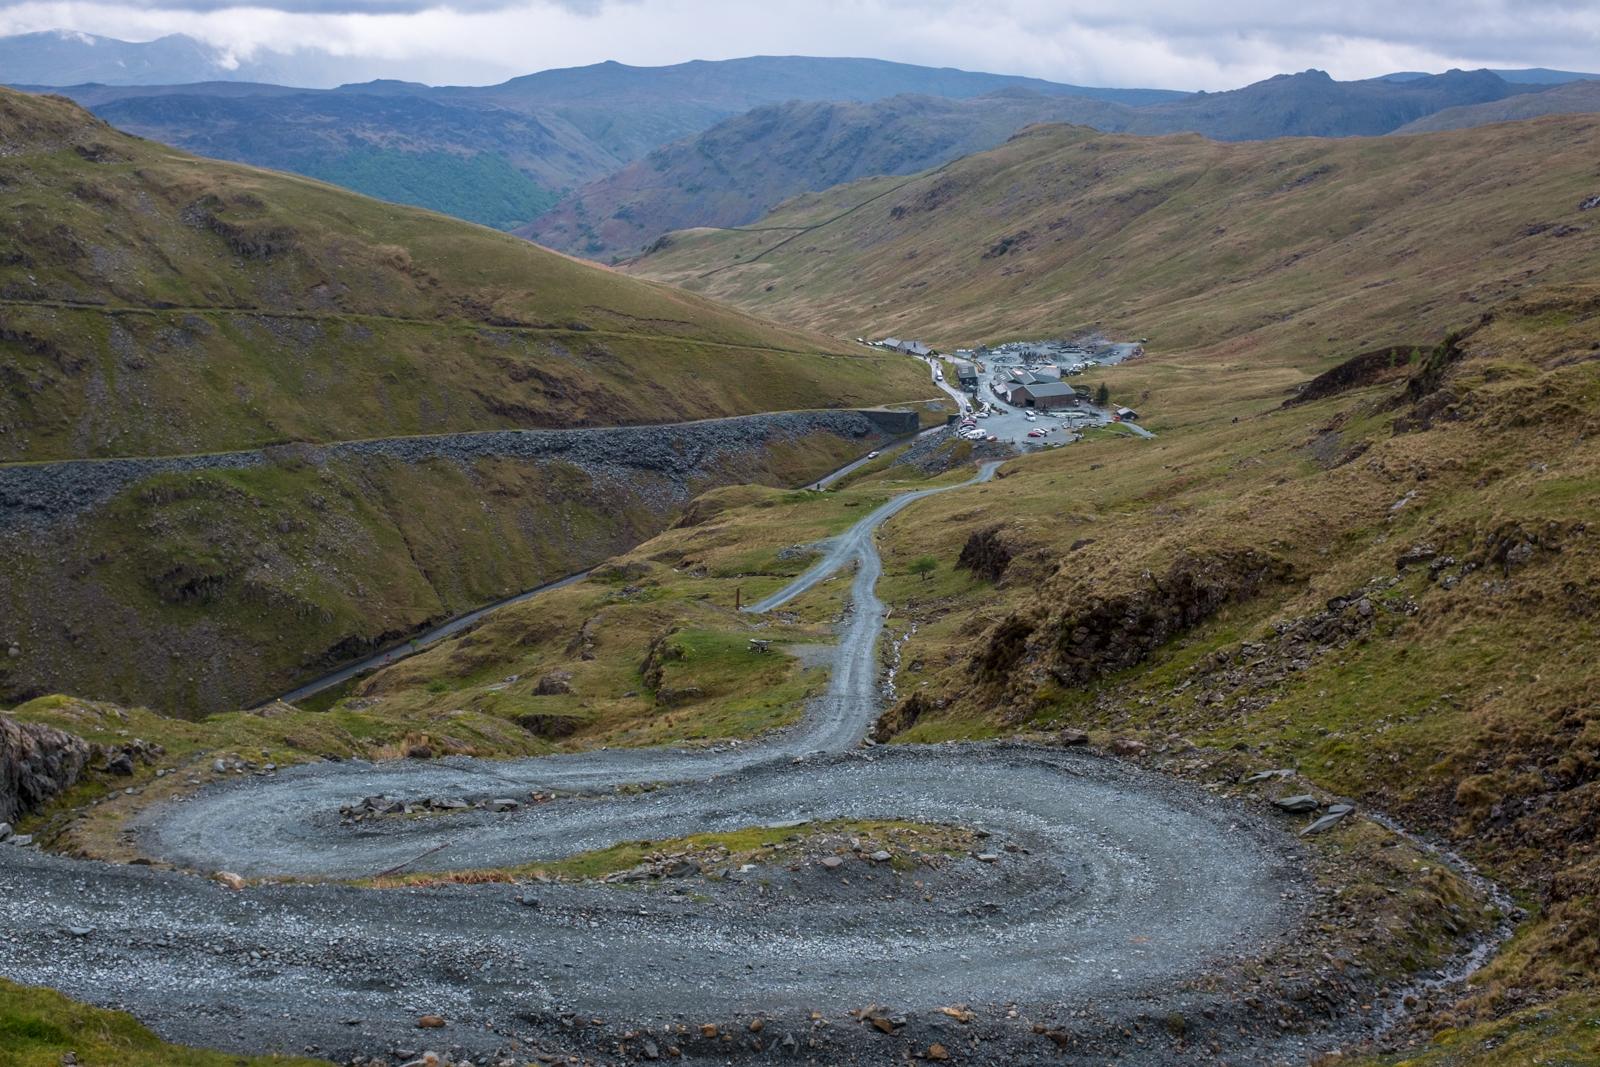 Twisty mine roads